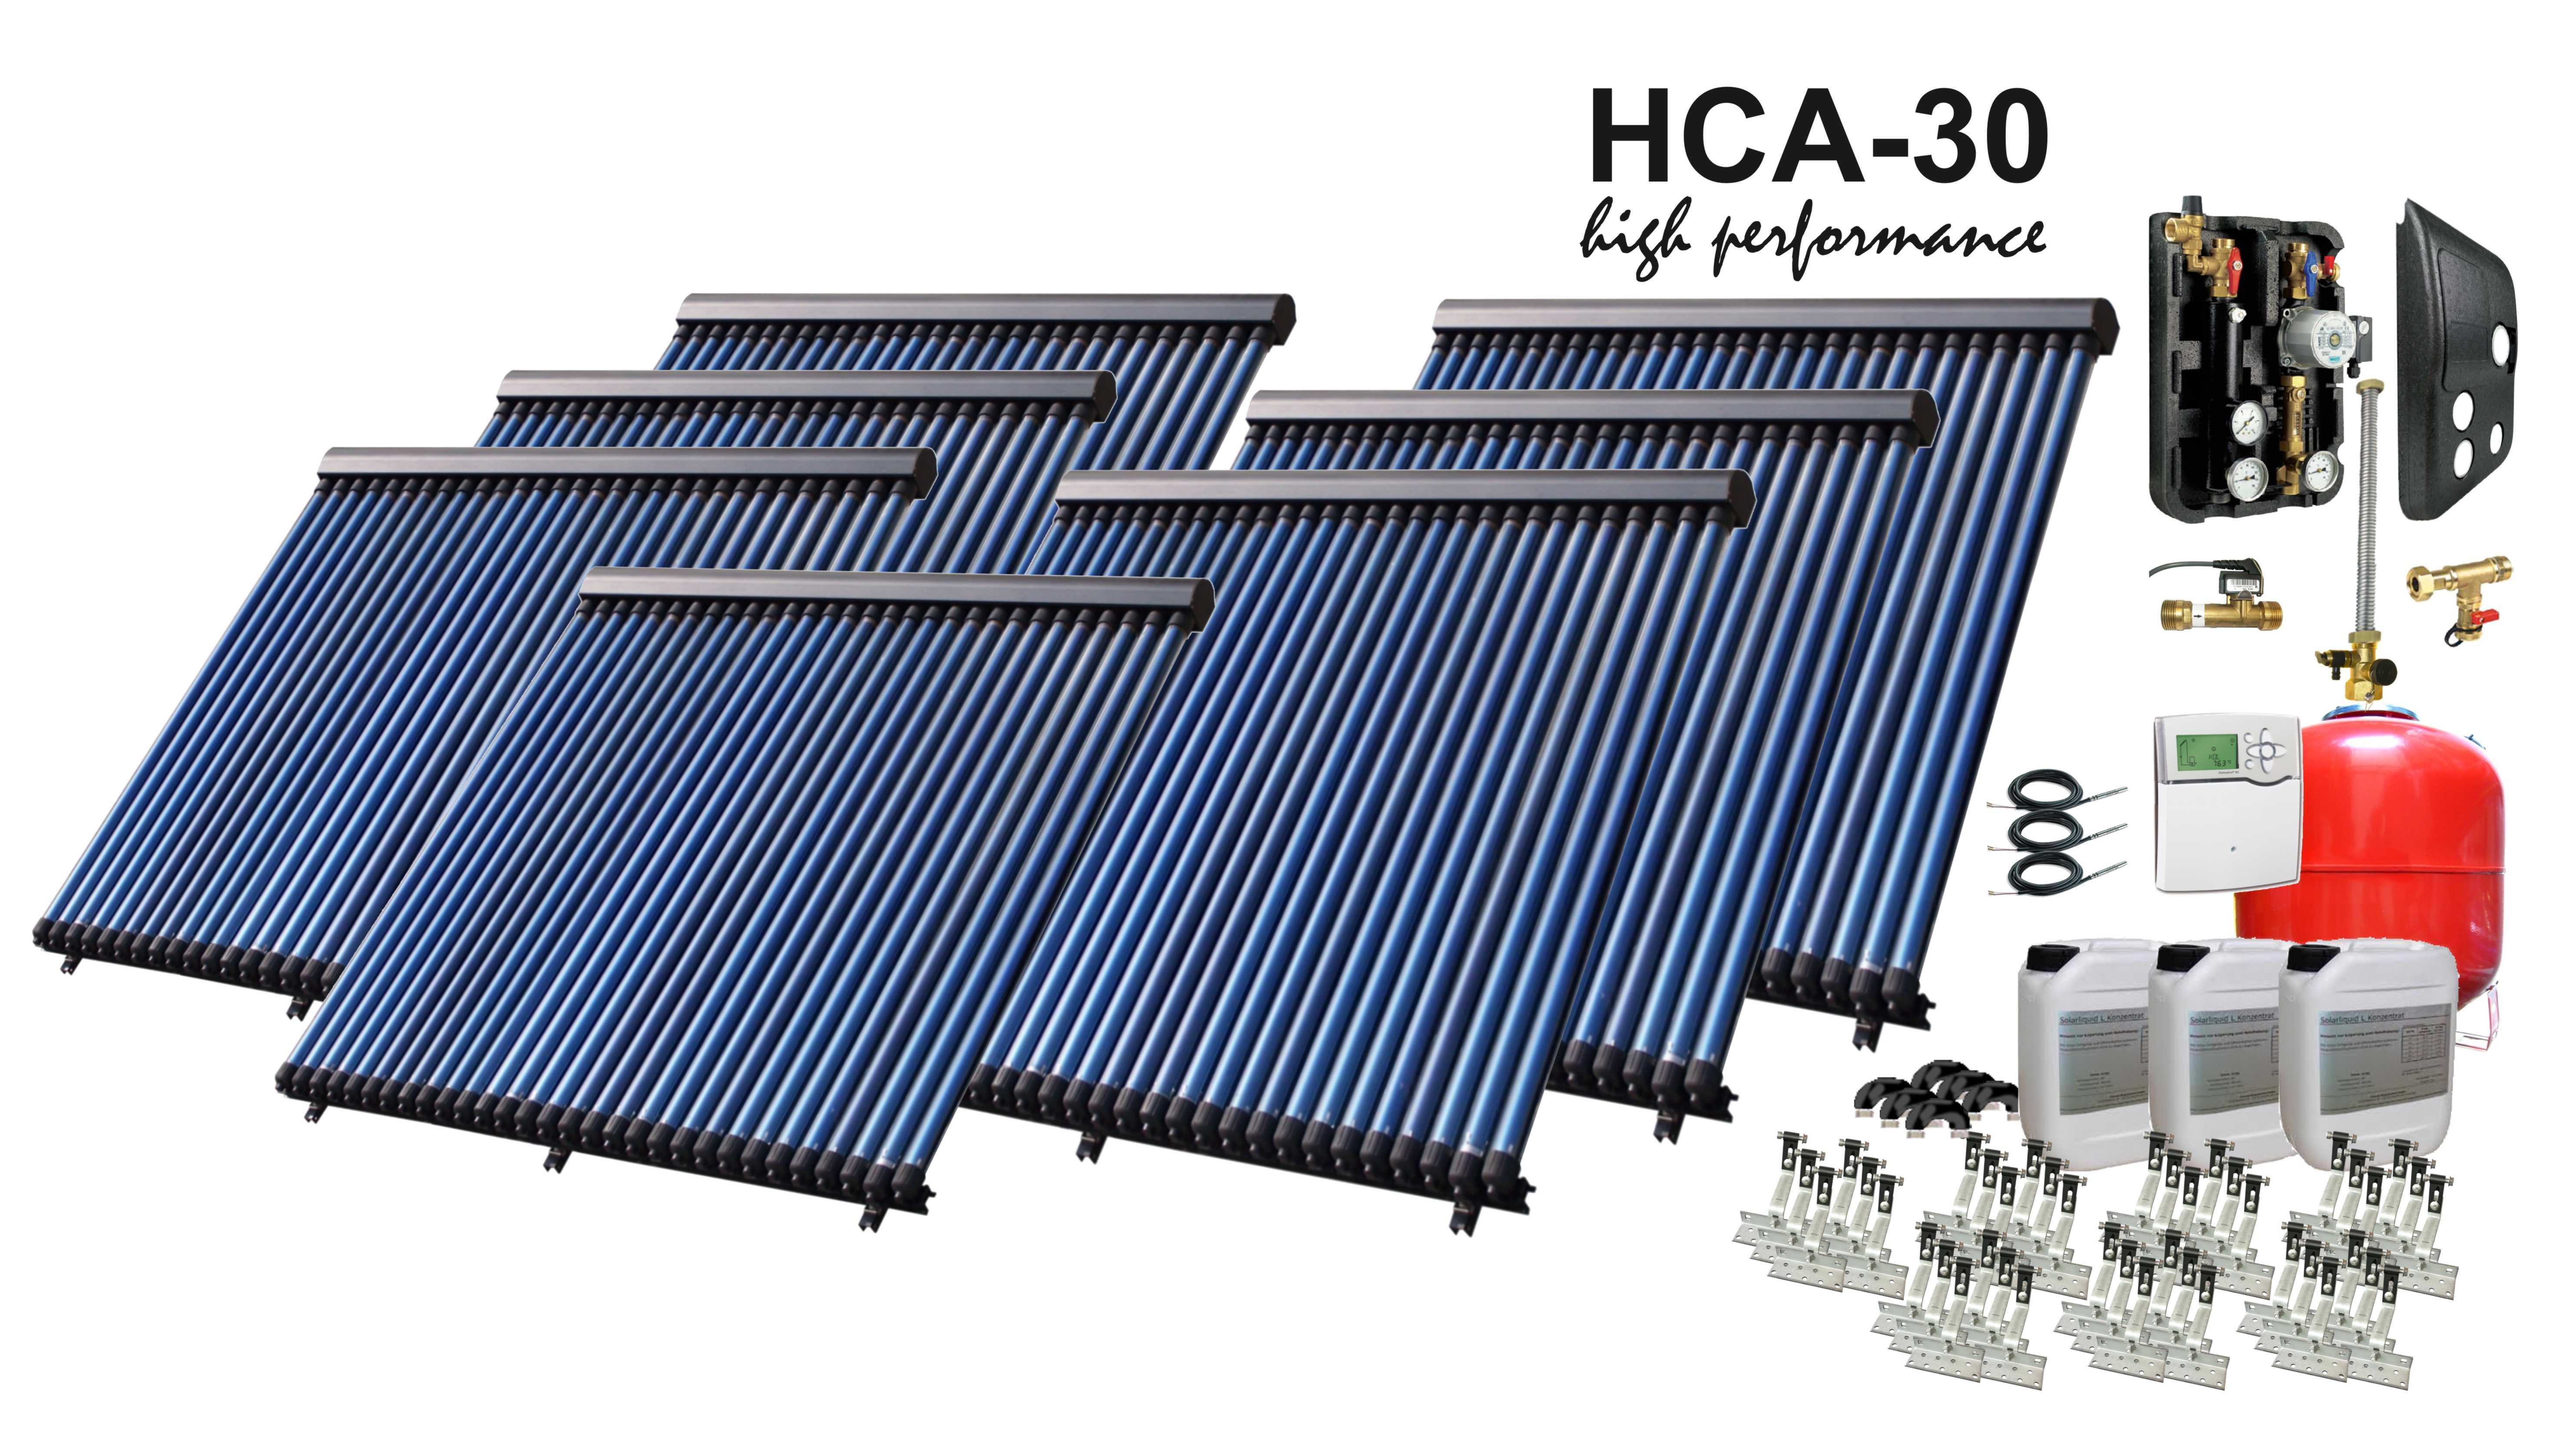 solarpaket hca30 7 29 26 m vakuumr hrenanlage mit bafa f rderung ebay. Black Bedroom Furniture Sets. Home Design Ideas